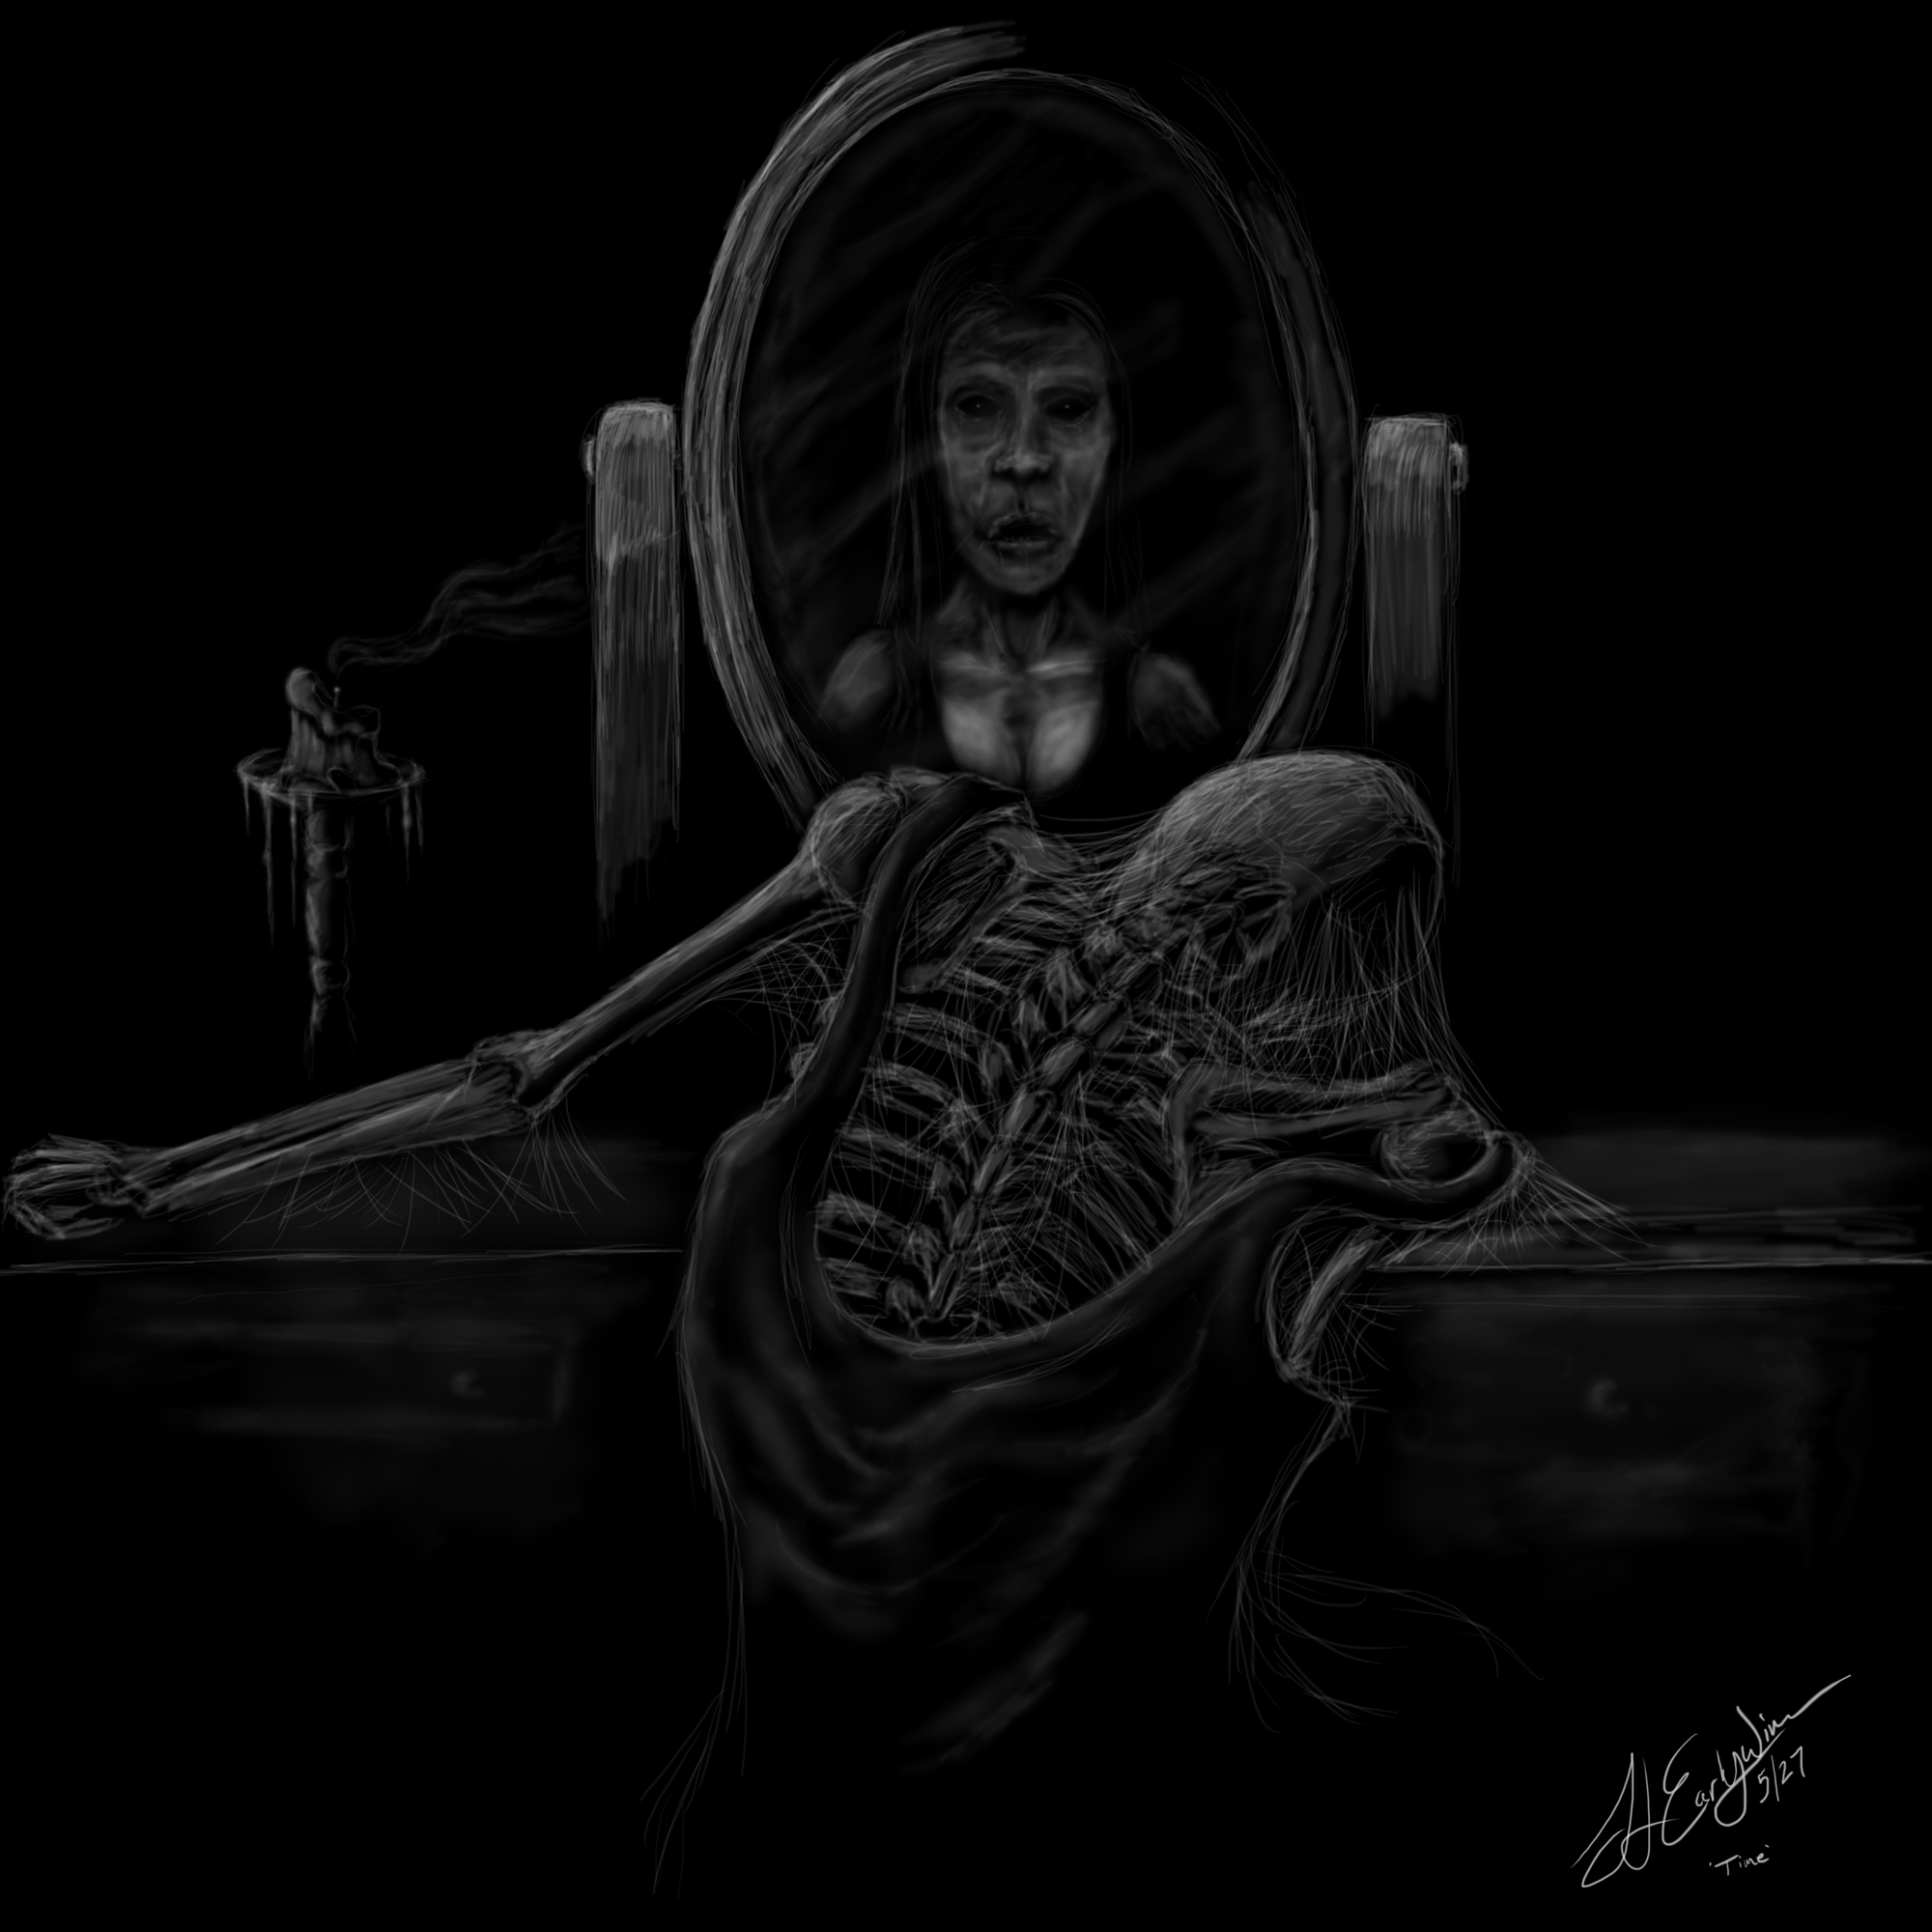 In the Dark - 'Time'